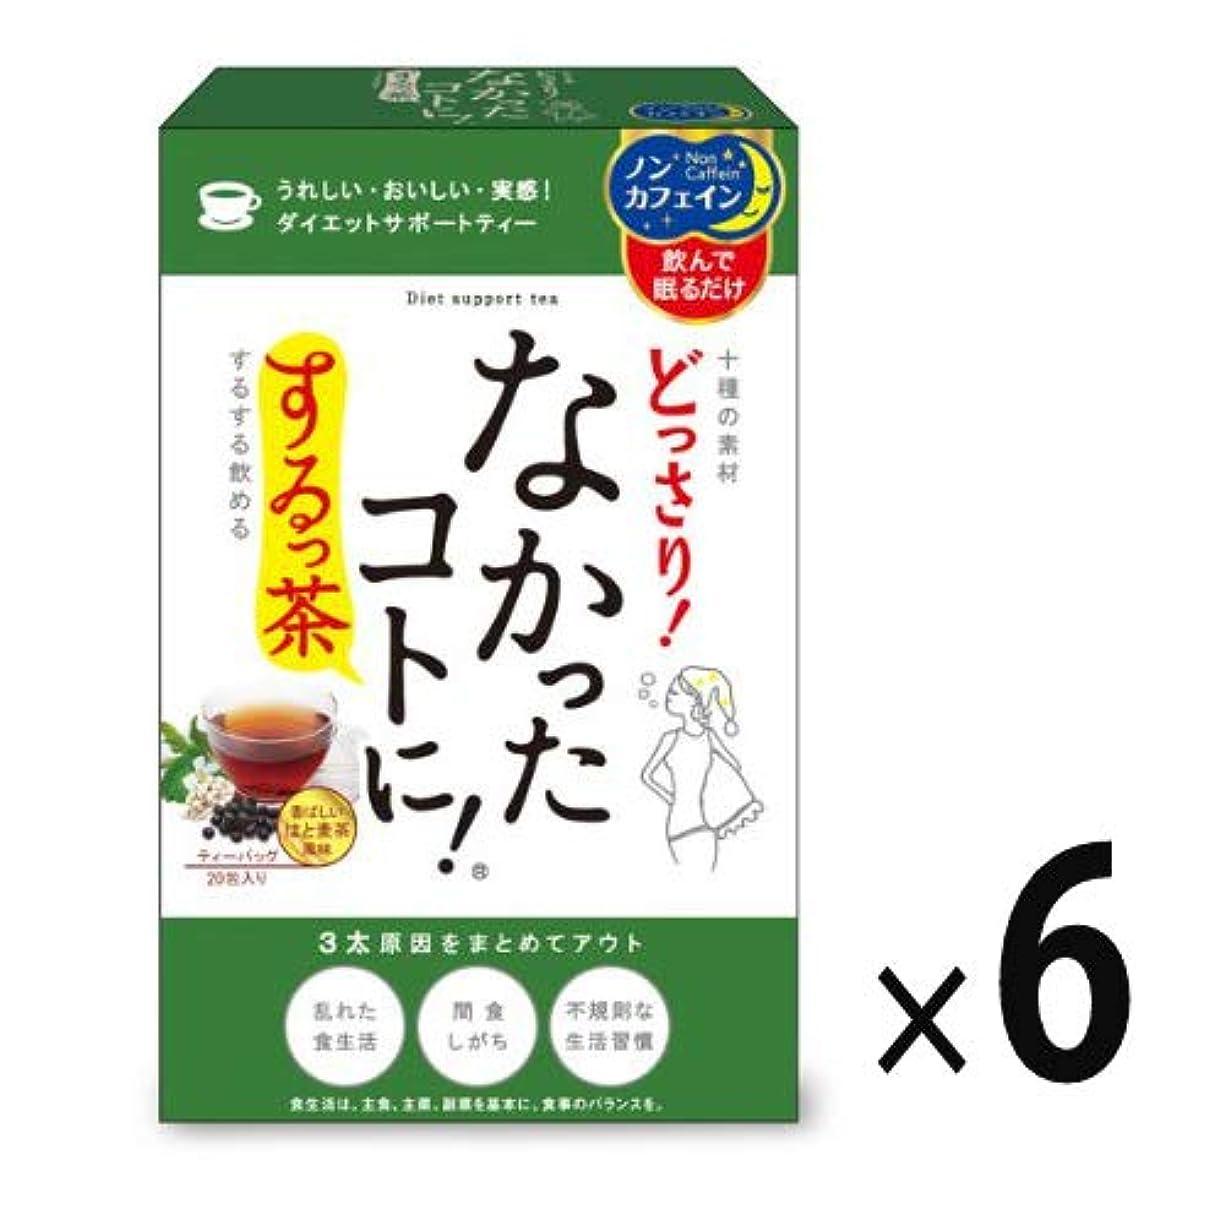 小包雄弁な高度な(6点セット)(サプリ)グラフィコ なかったことに! するっ茶20包入り (NK1400)